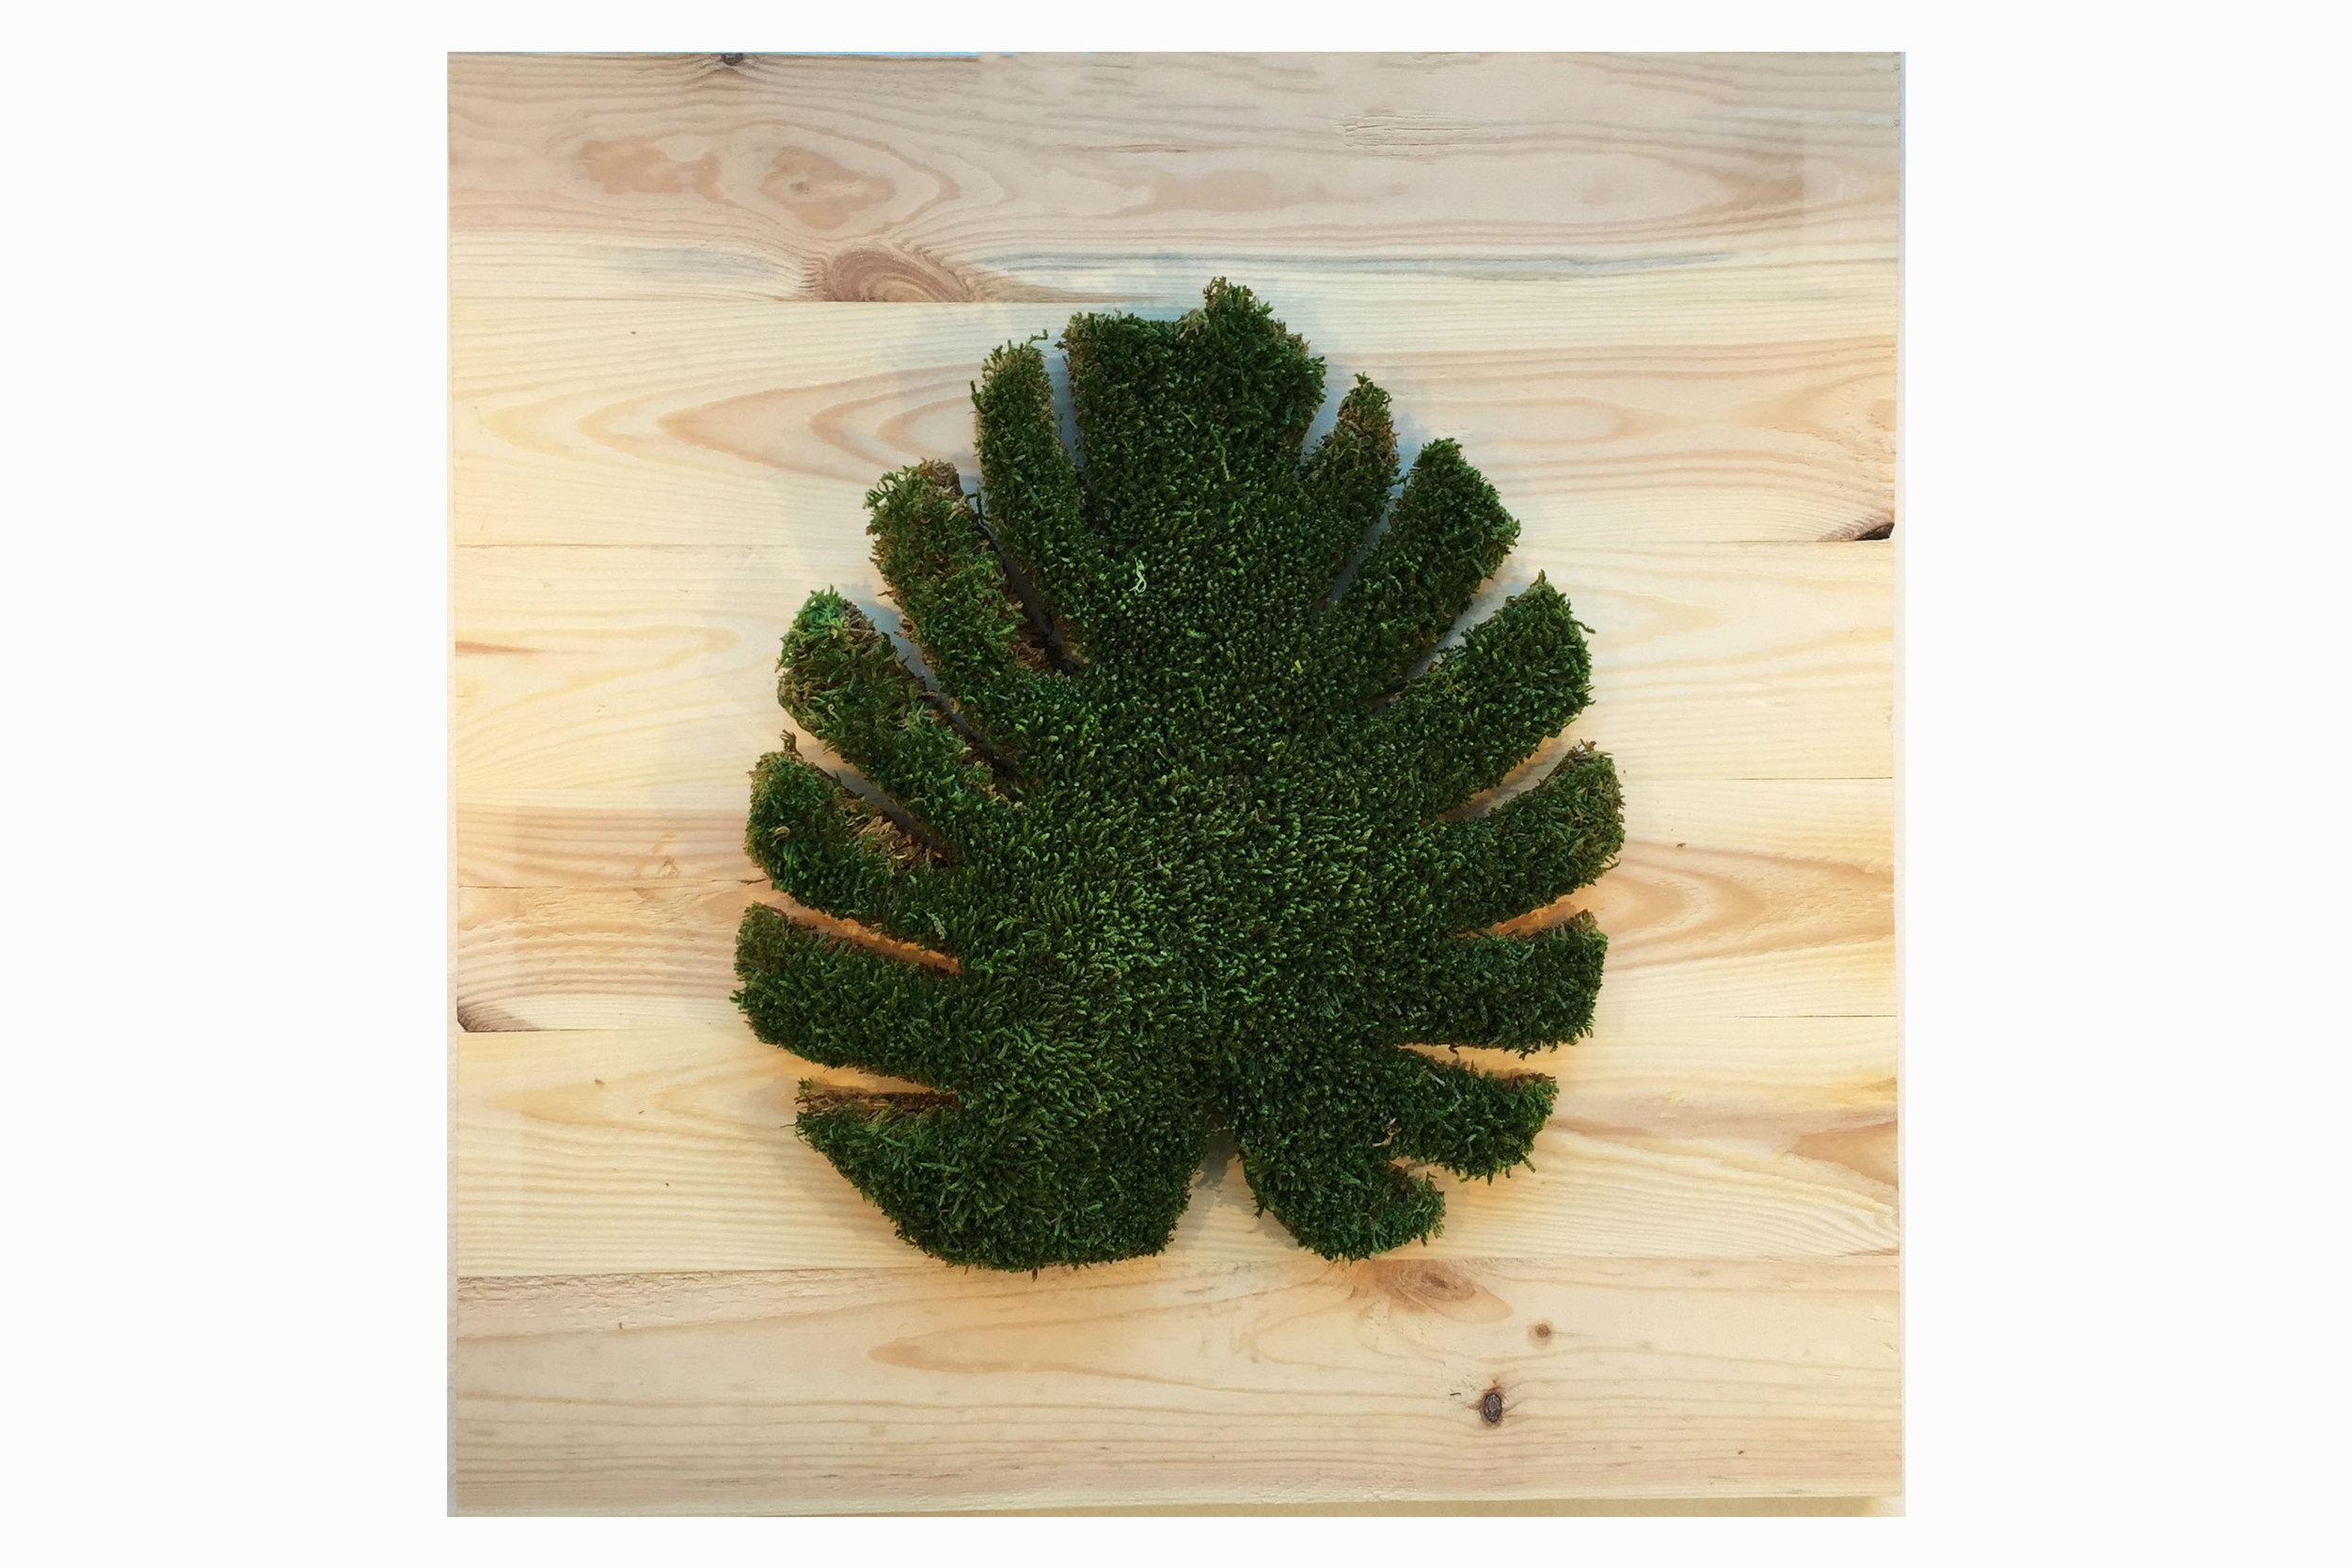 cadre-vegetal-monstera-planche-hoai 2.jpg